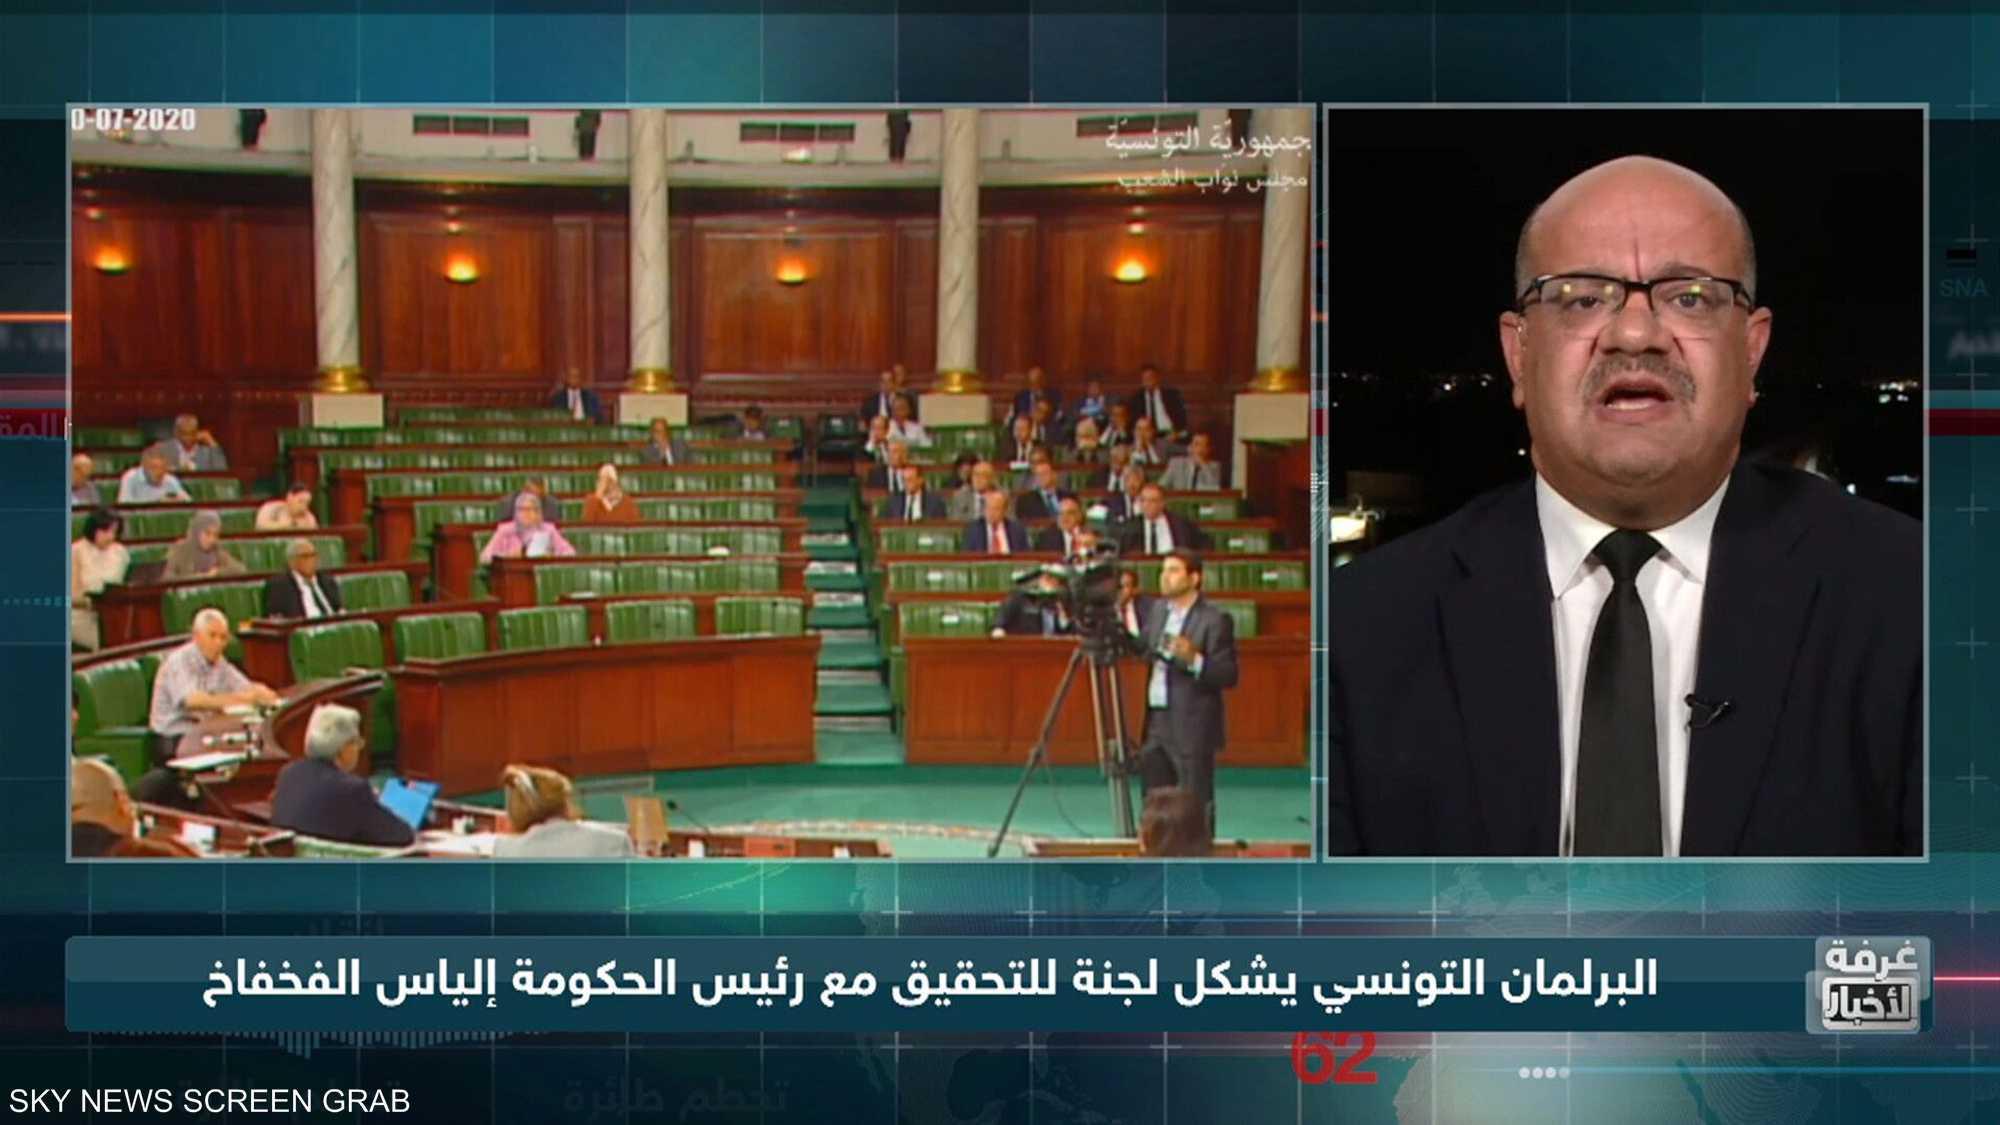 محاولات متواصلة من النهضة للتحكّم بالمشهد السياسي في تونس